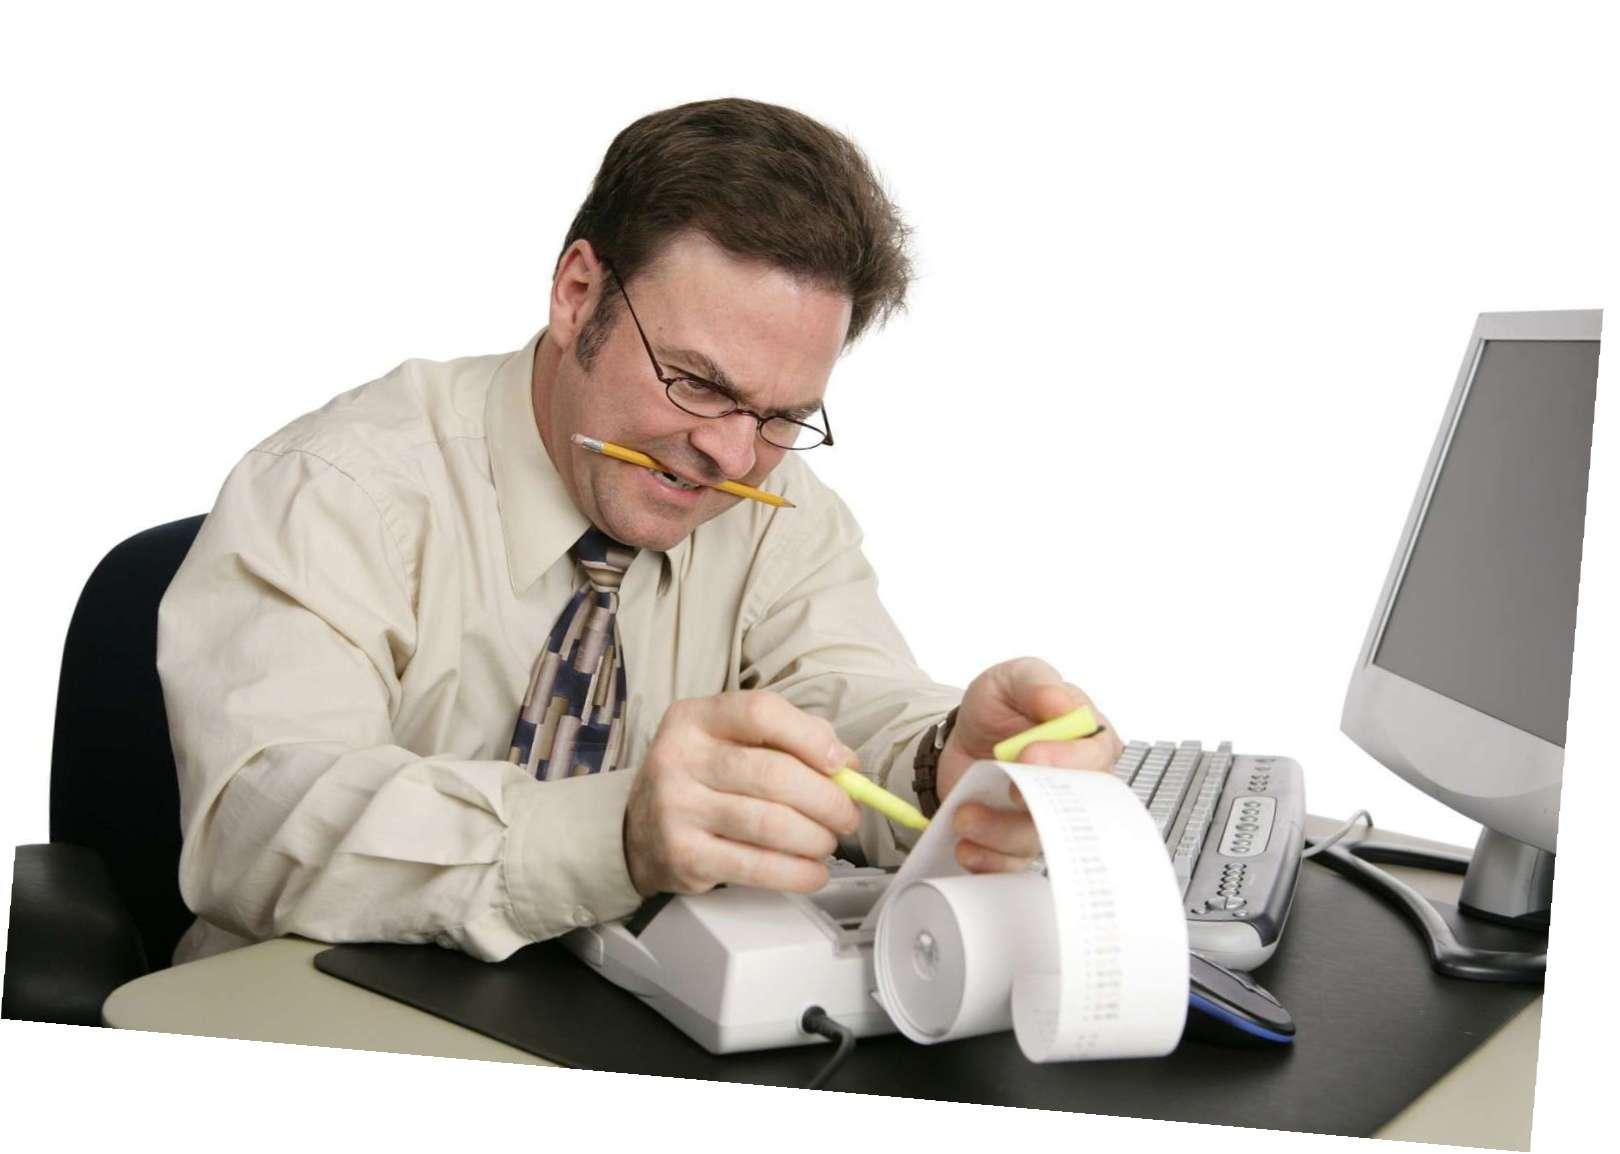 Мужчина печатает чеки